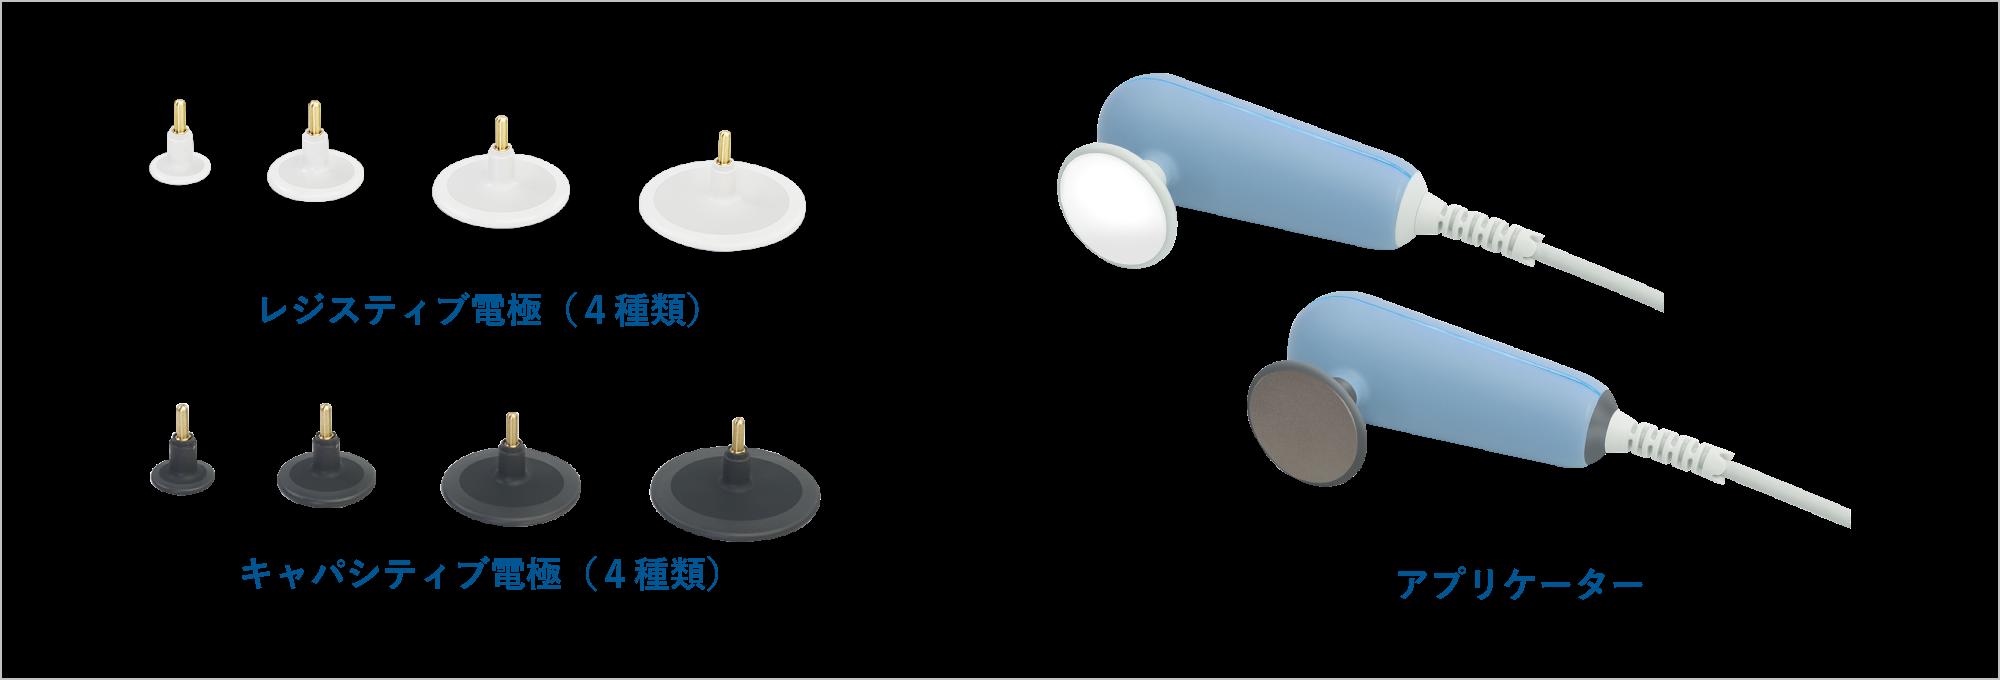 レジスティブ電極(4種類) キャパシティブ電極(4種類) アプリケーター